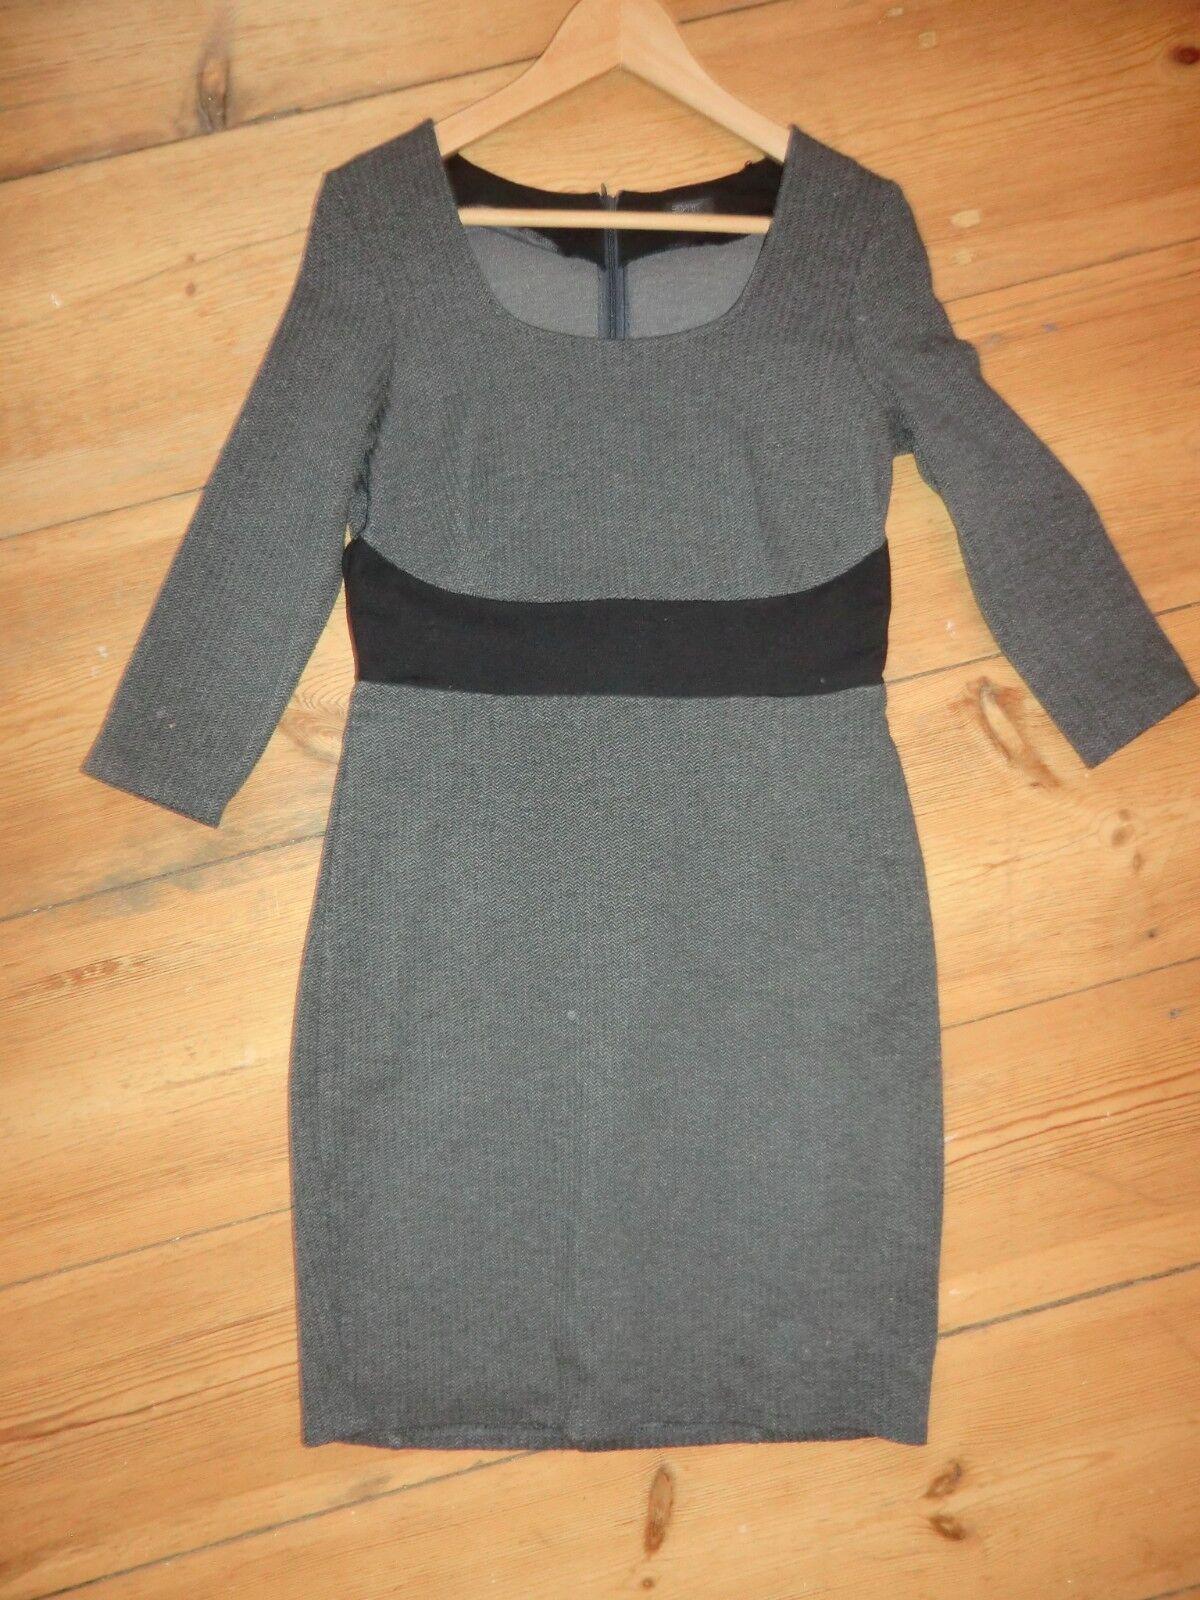 Esprit Damen Kleid Kleid Kleid Etuikleid Gr. L | Clever und praktisch  | Kunde zuerst  | Lebhaft  1ff4c5